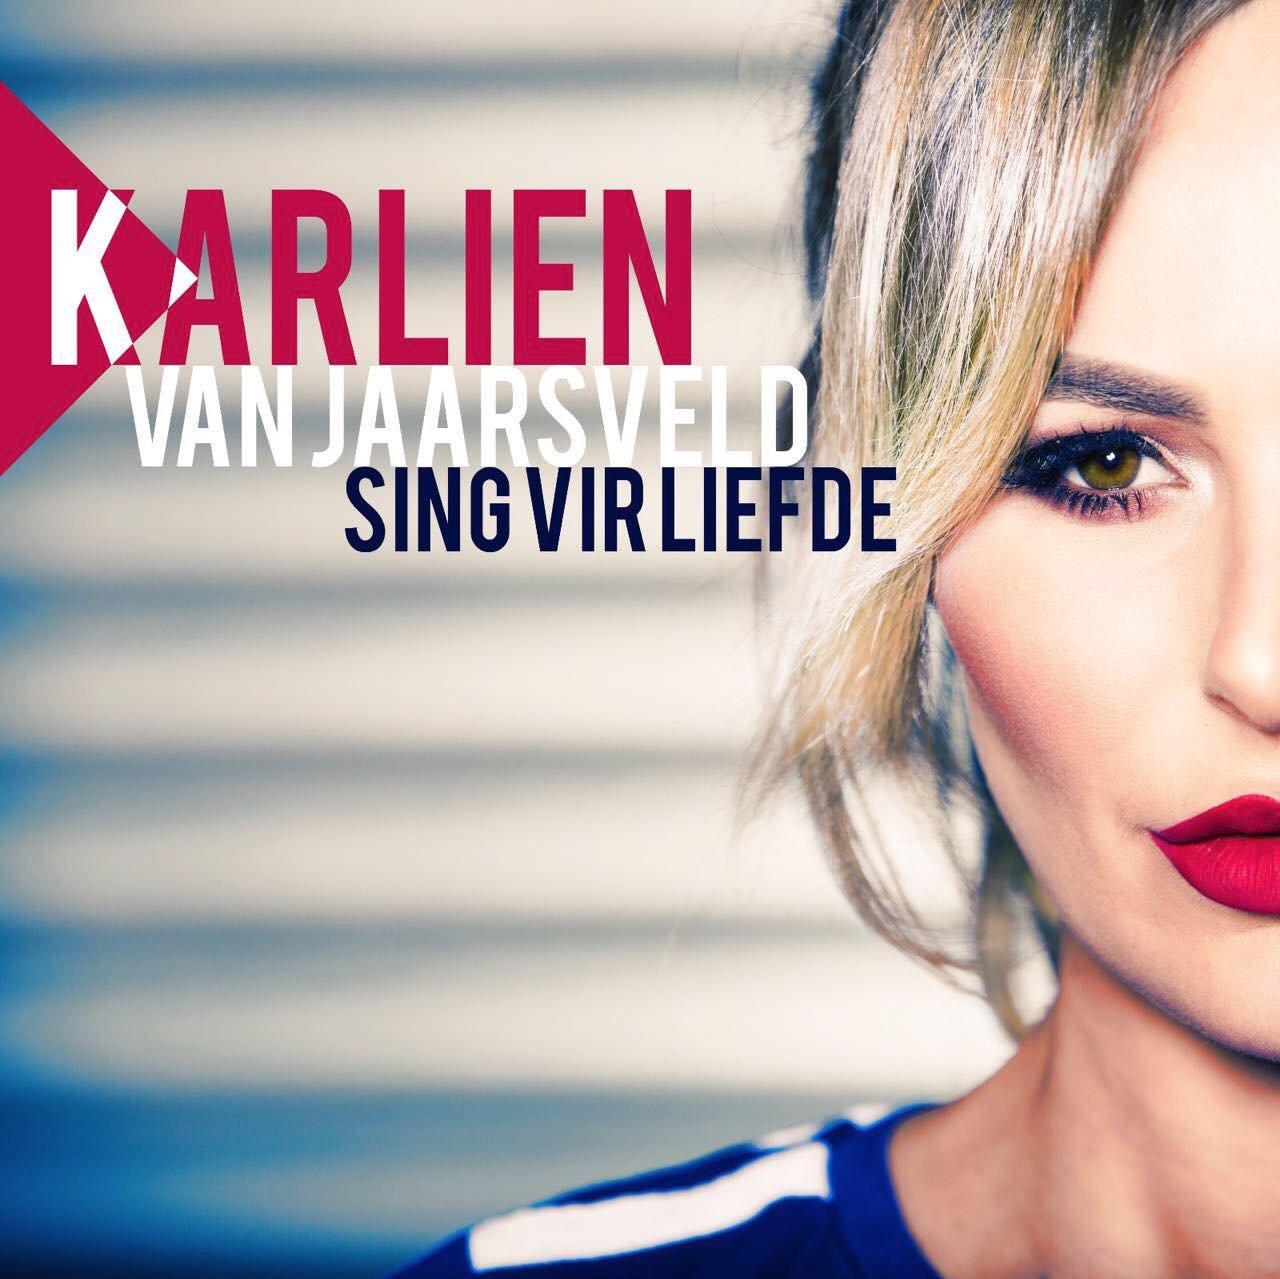 karlien van jaarsveld sing vir liefde free mp3 download